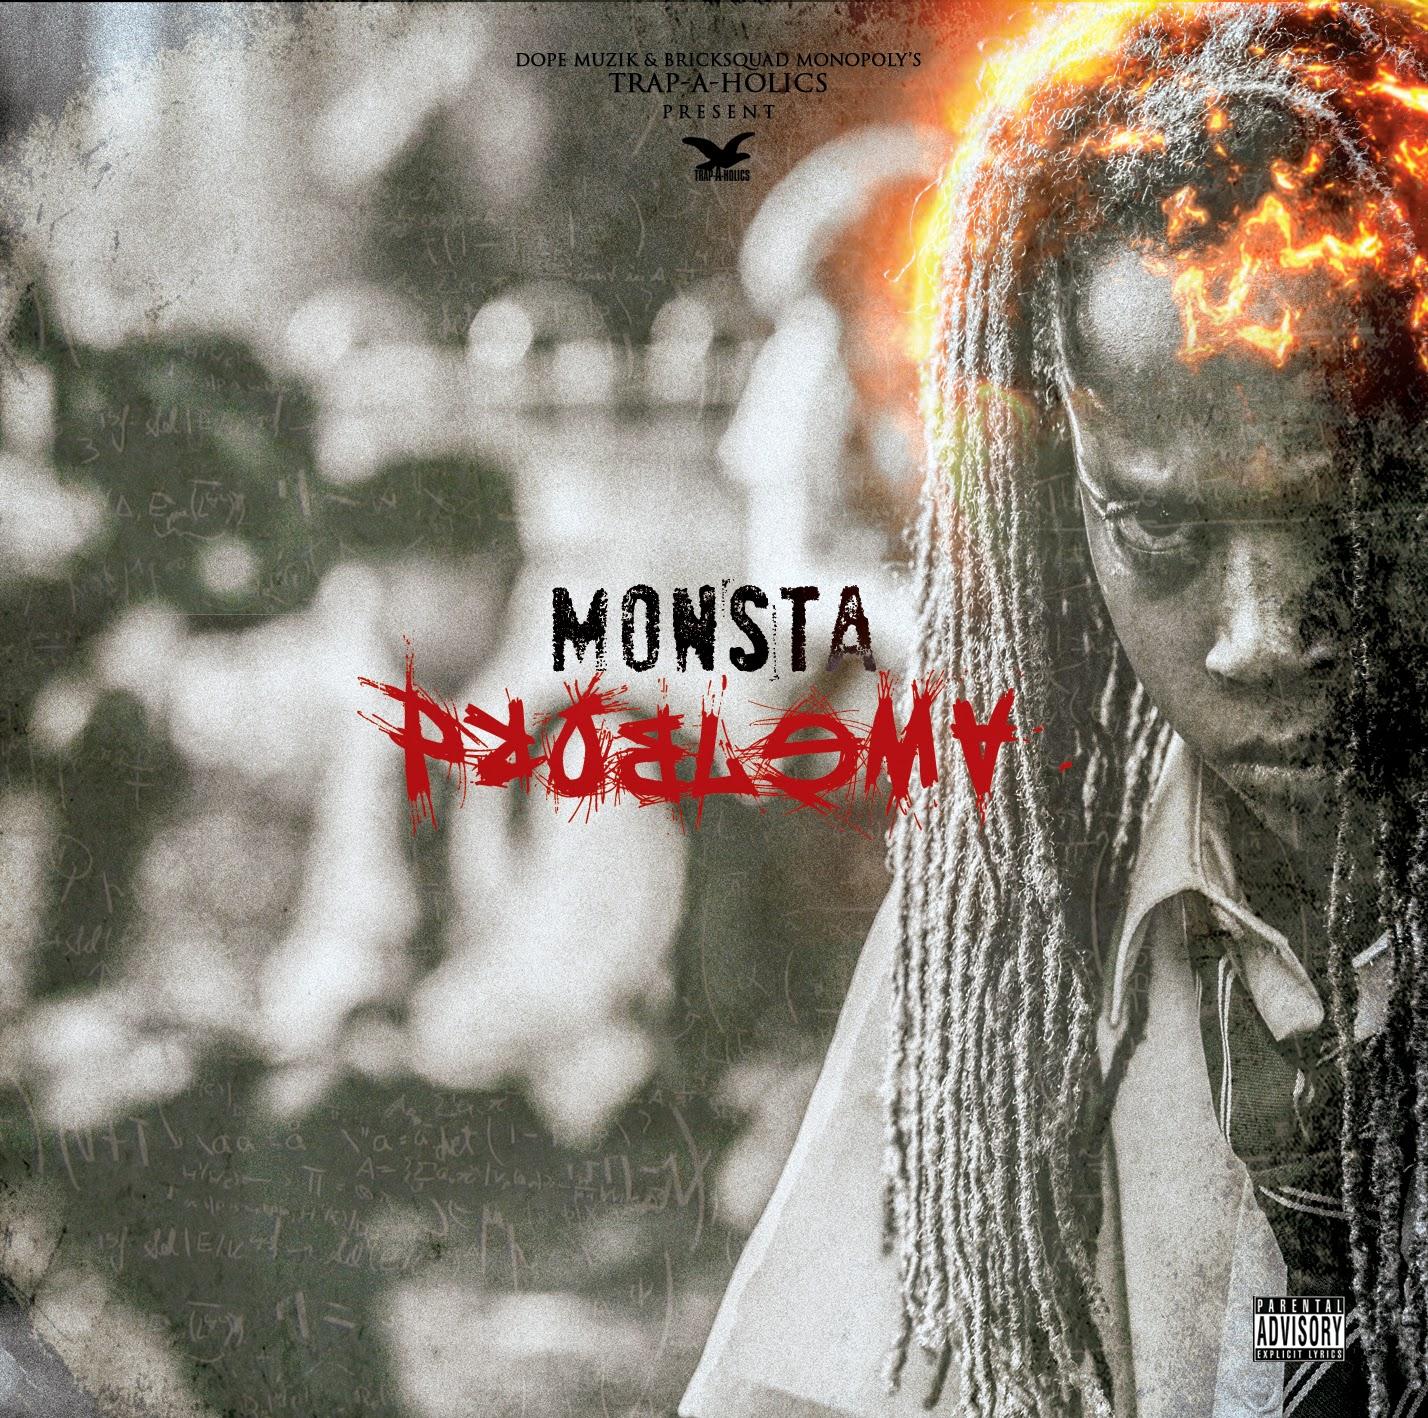 http://indy.livemixtapes.com/mixtapes/30921/monsta-problema.html